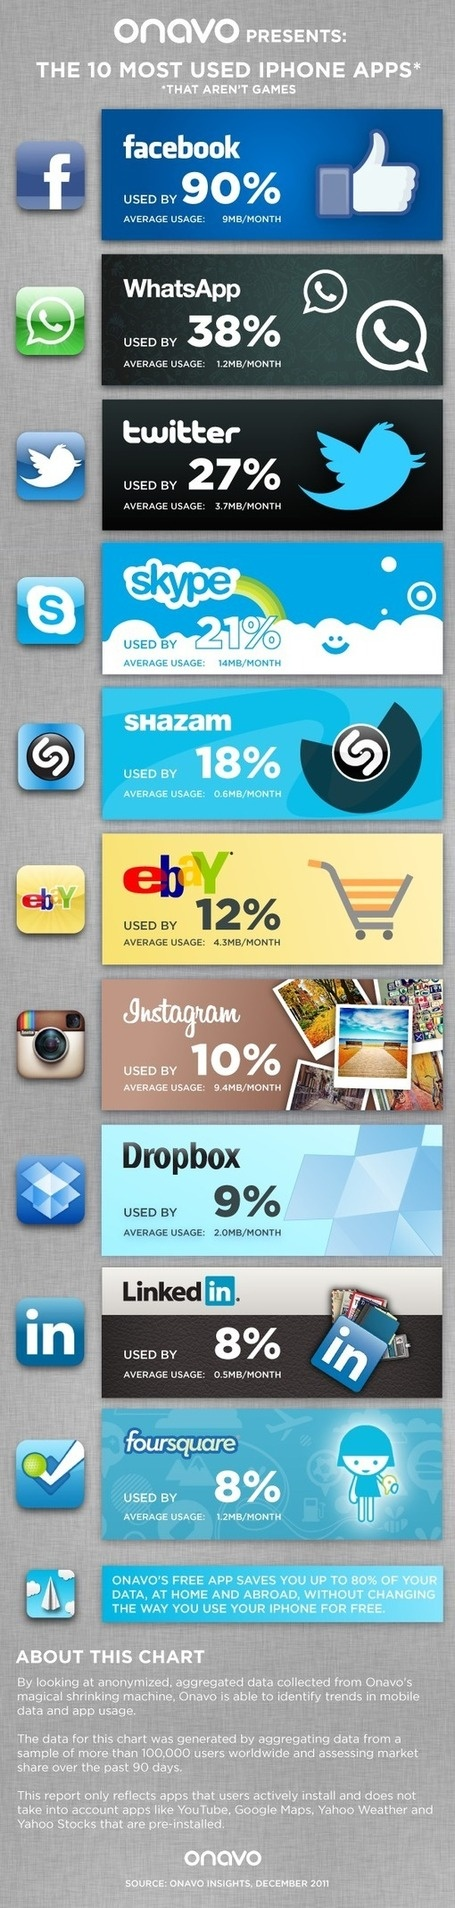 Las 10 apps mas usadas #infografia